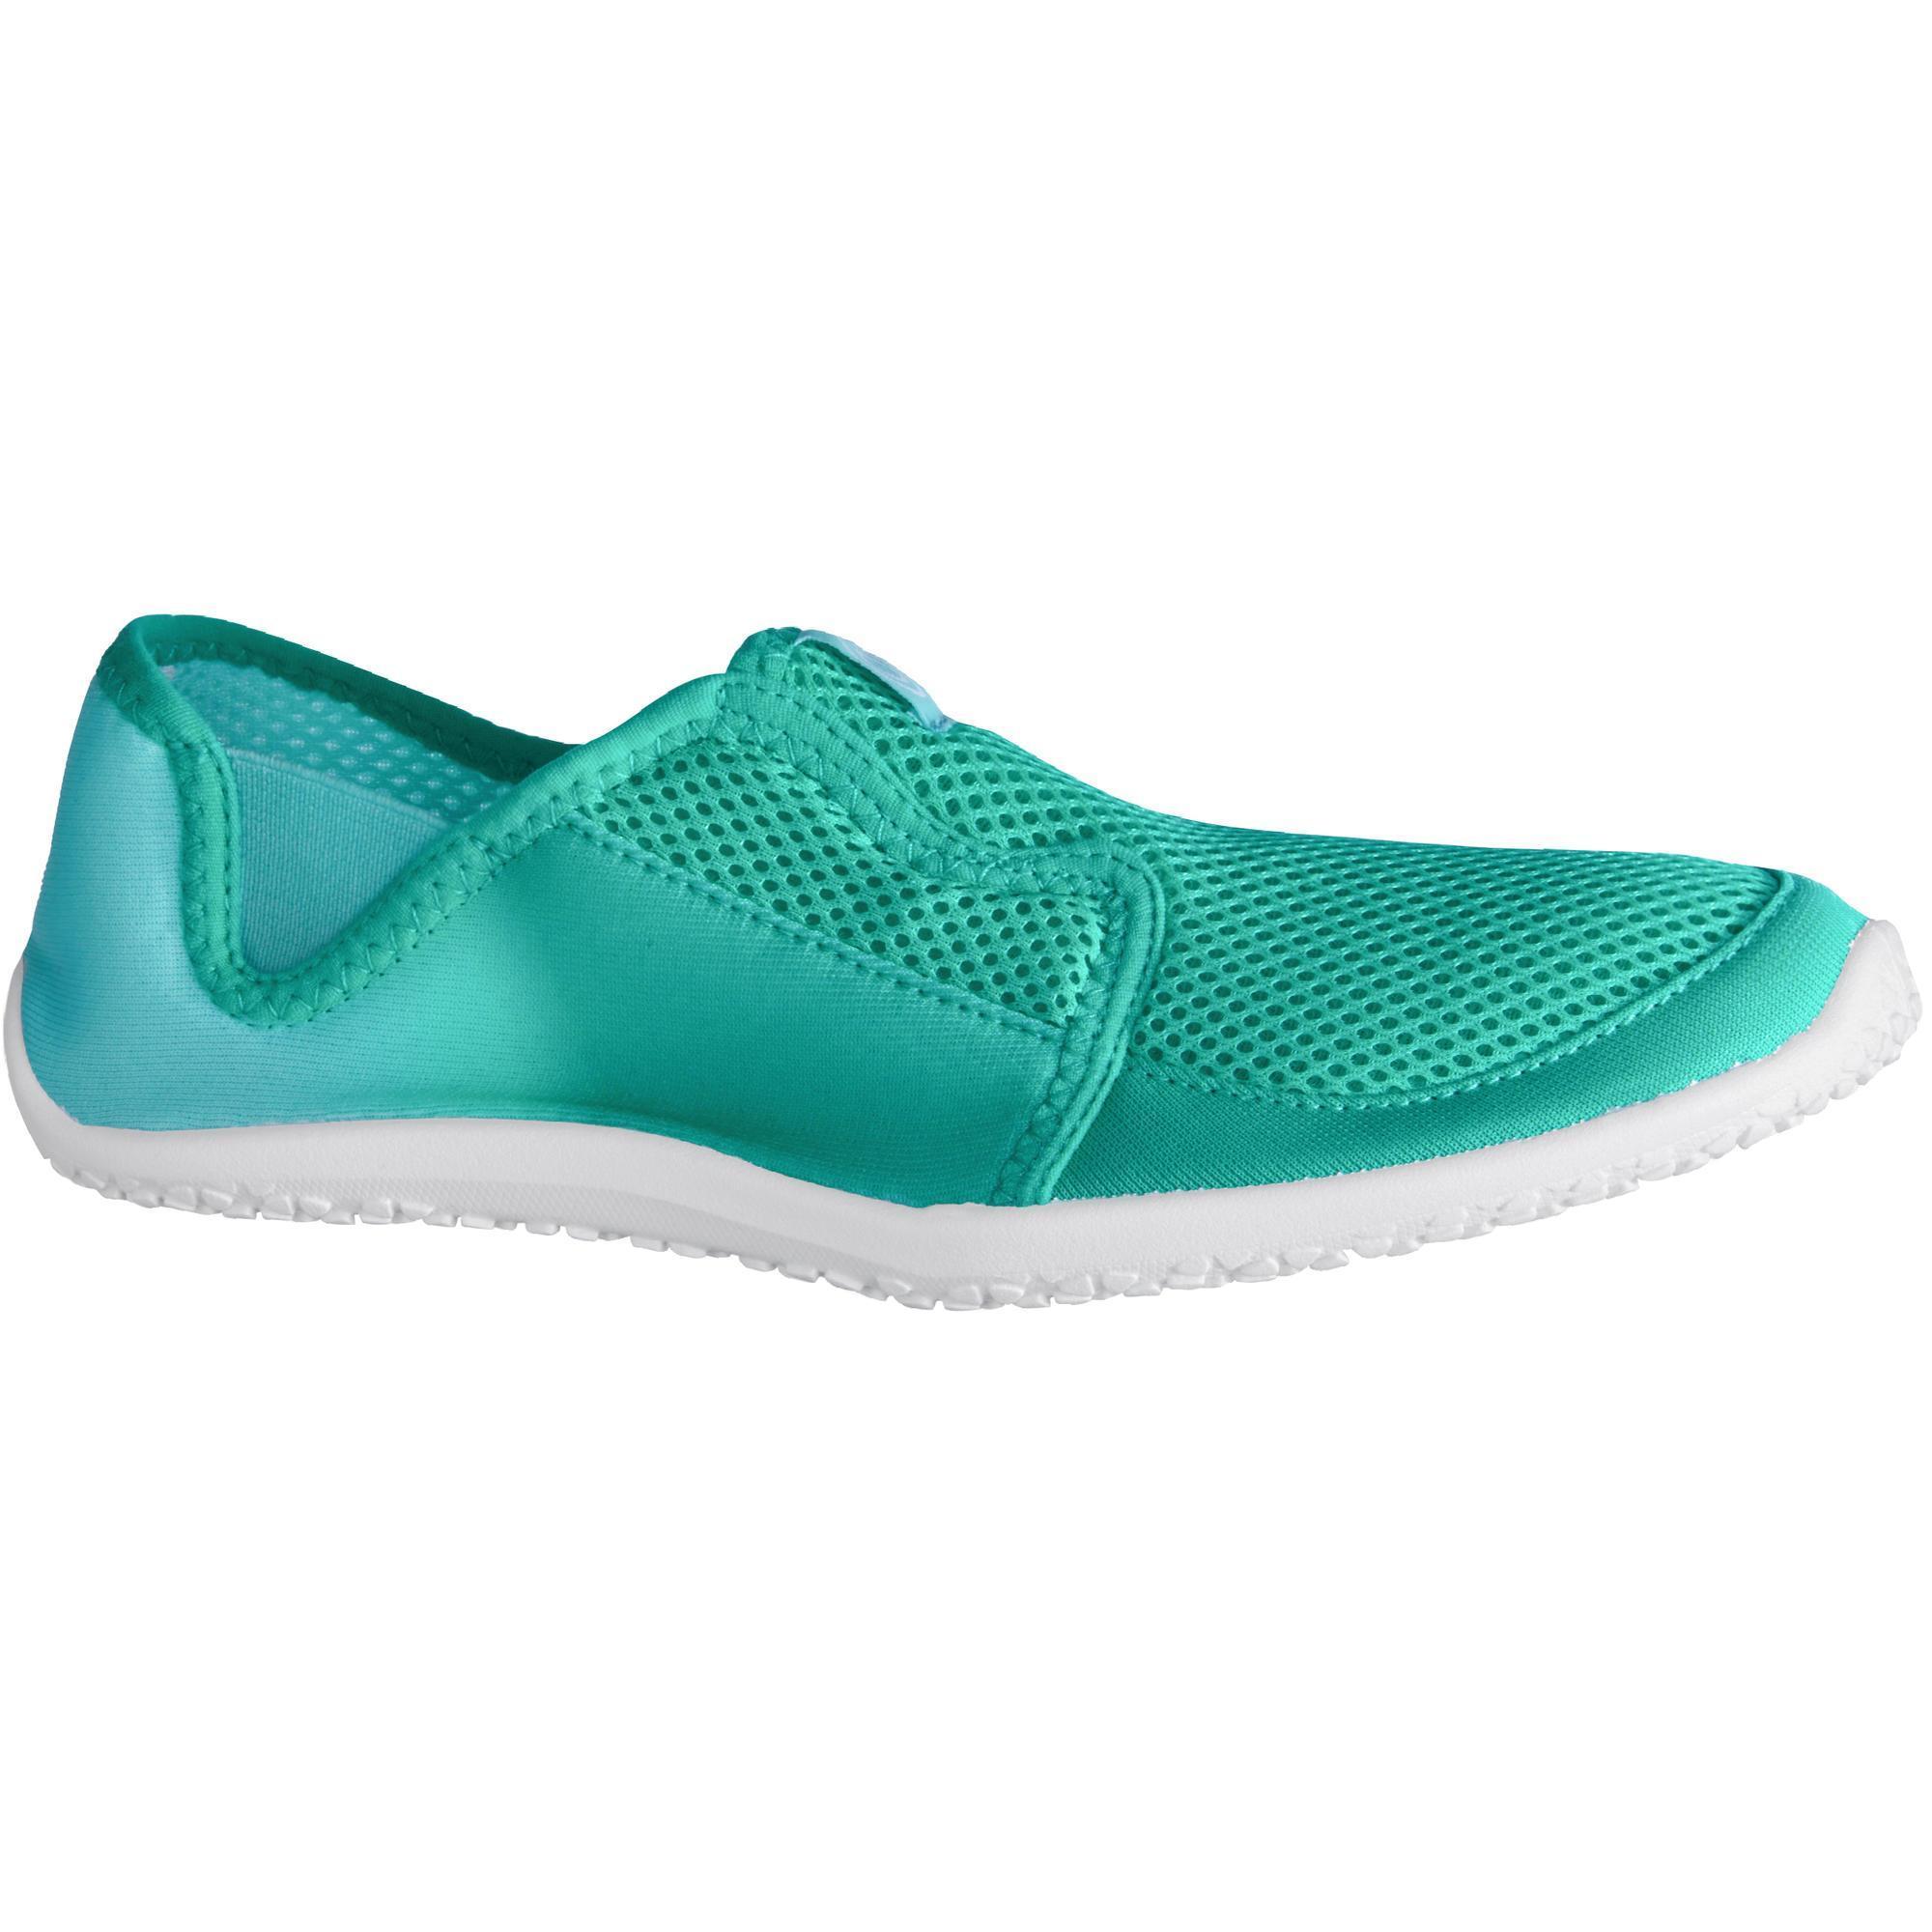 Subea Aquashoes 120 voor volwassenen dégradé groen turquoise